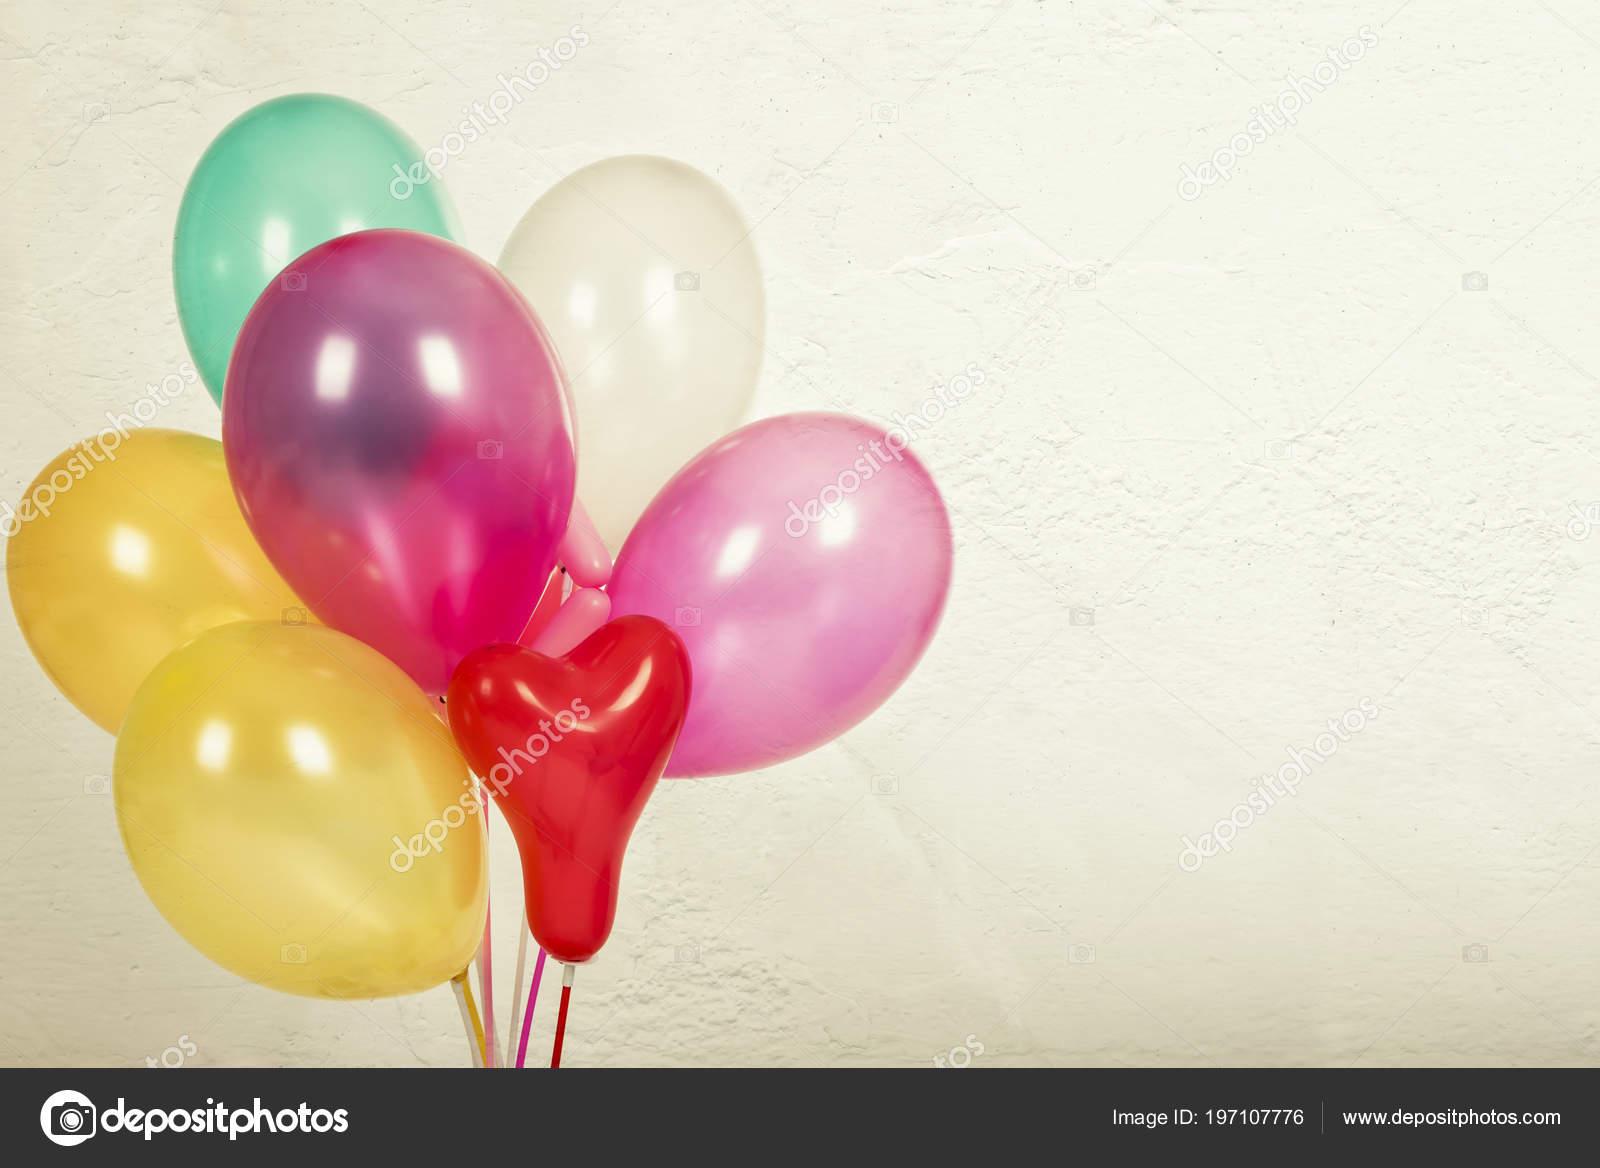 Bunte Luftballons Mit Einem Retro Vintage Filtereffekt Das Konzept